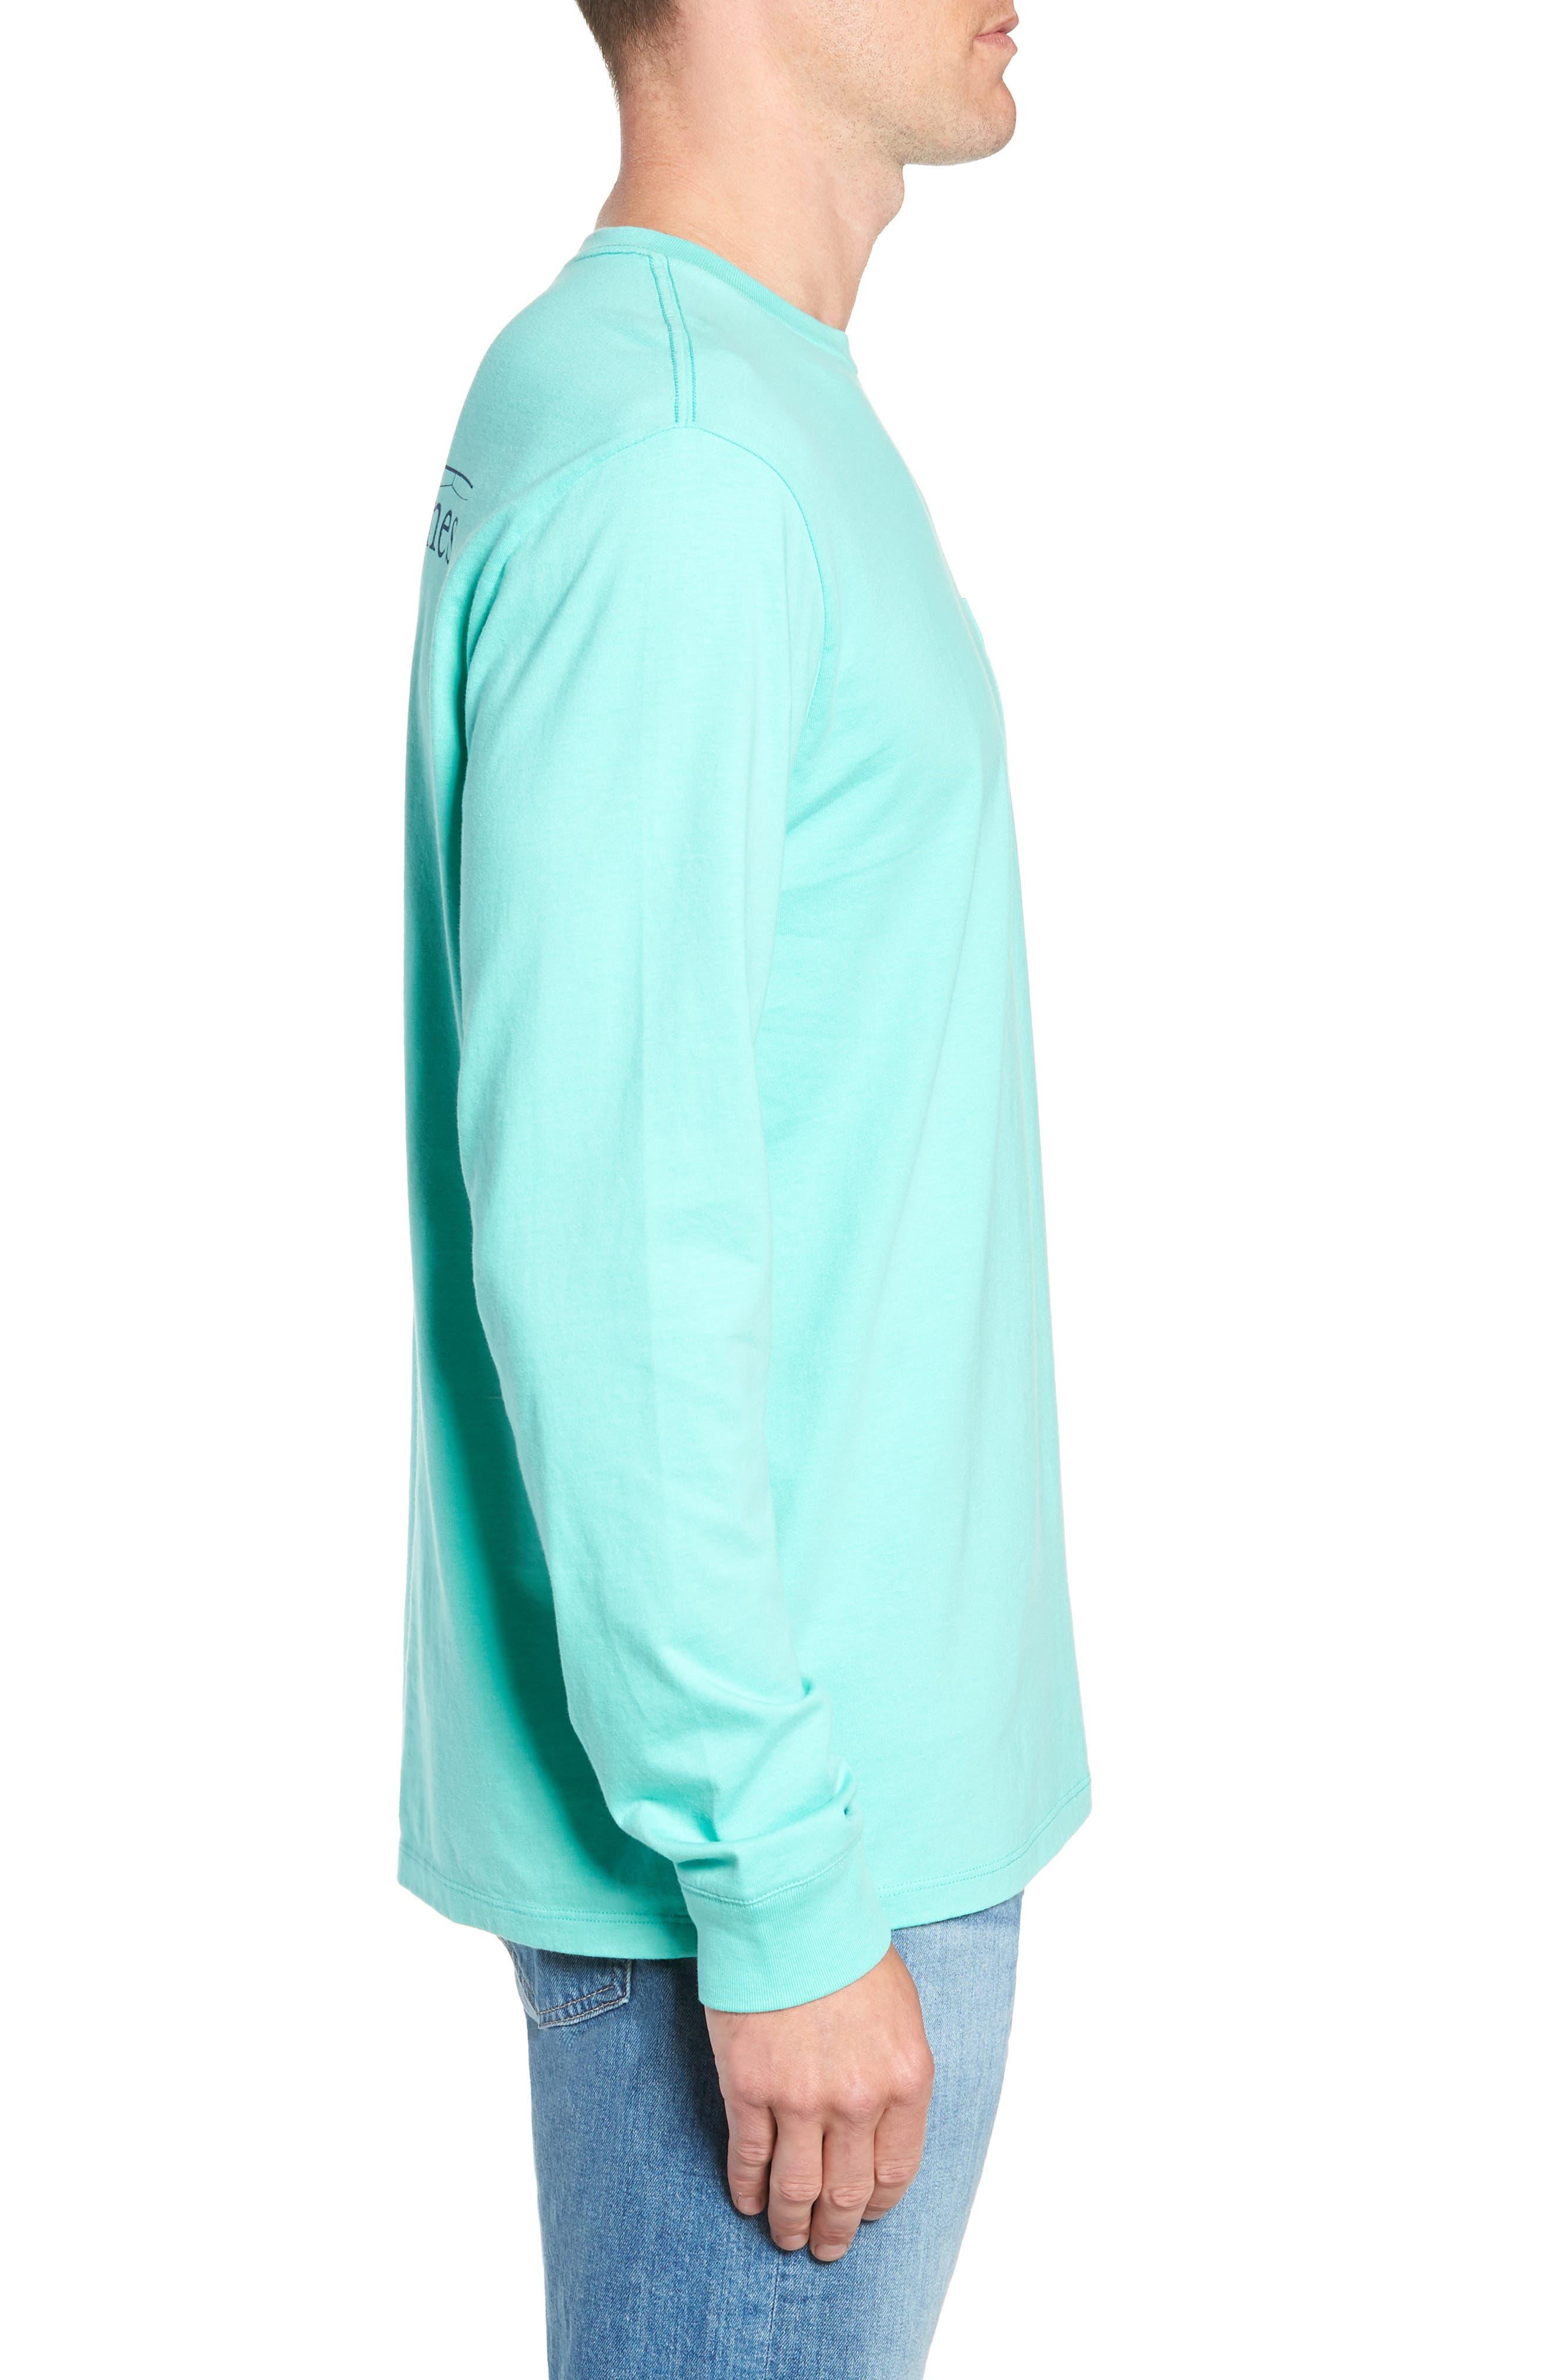 Fishing Rod Pocket T-Shirt,                             Alternate thumbnail 3, color,                             CAPRI BLUE